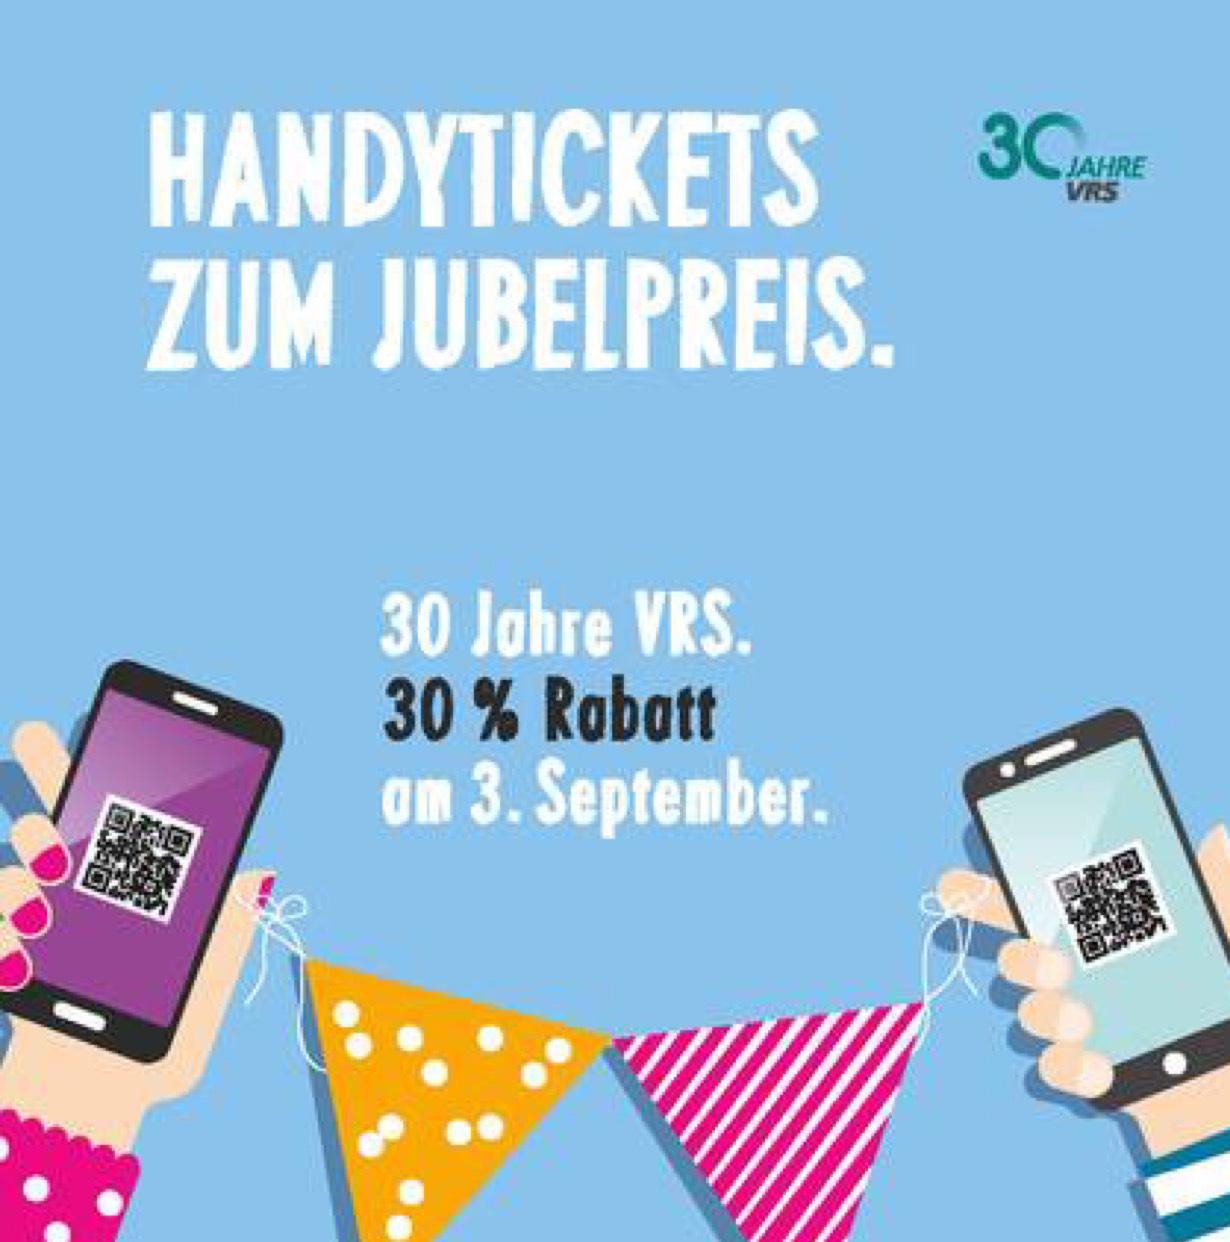 30% Rabatt auf Bus und Bahn (VRS Handyticket) am 03.09